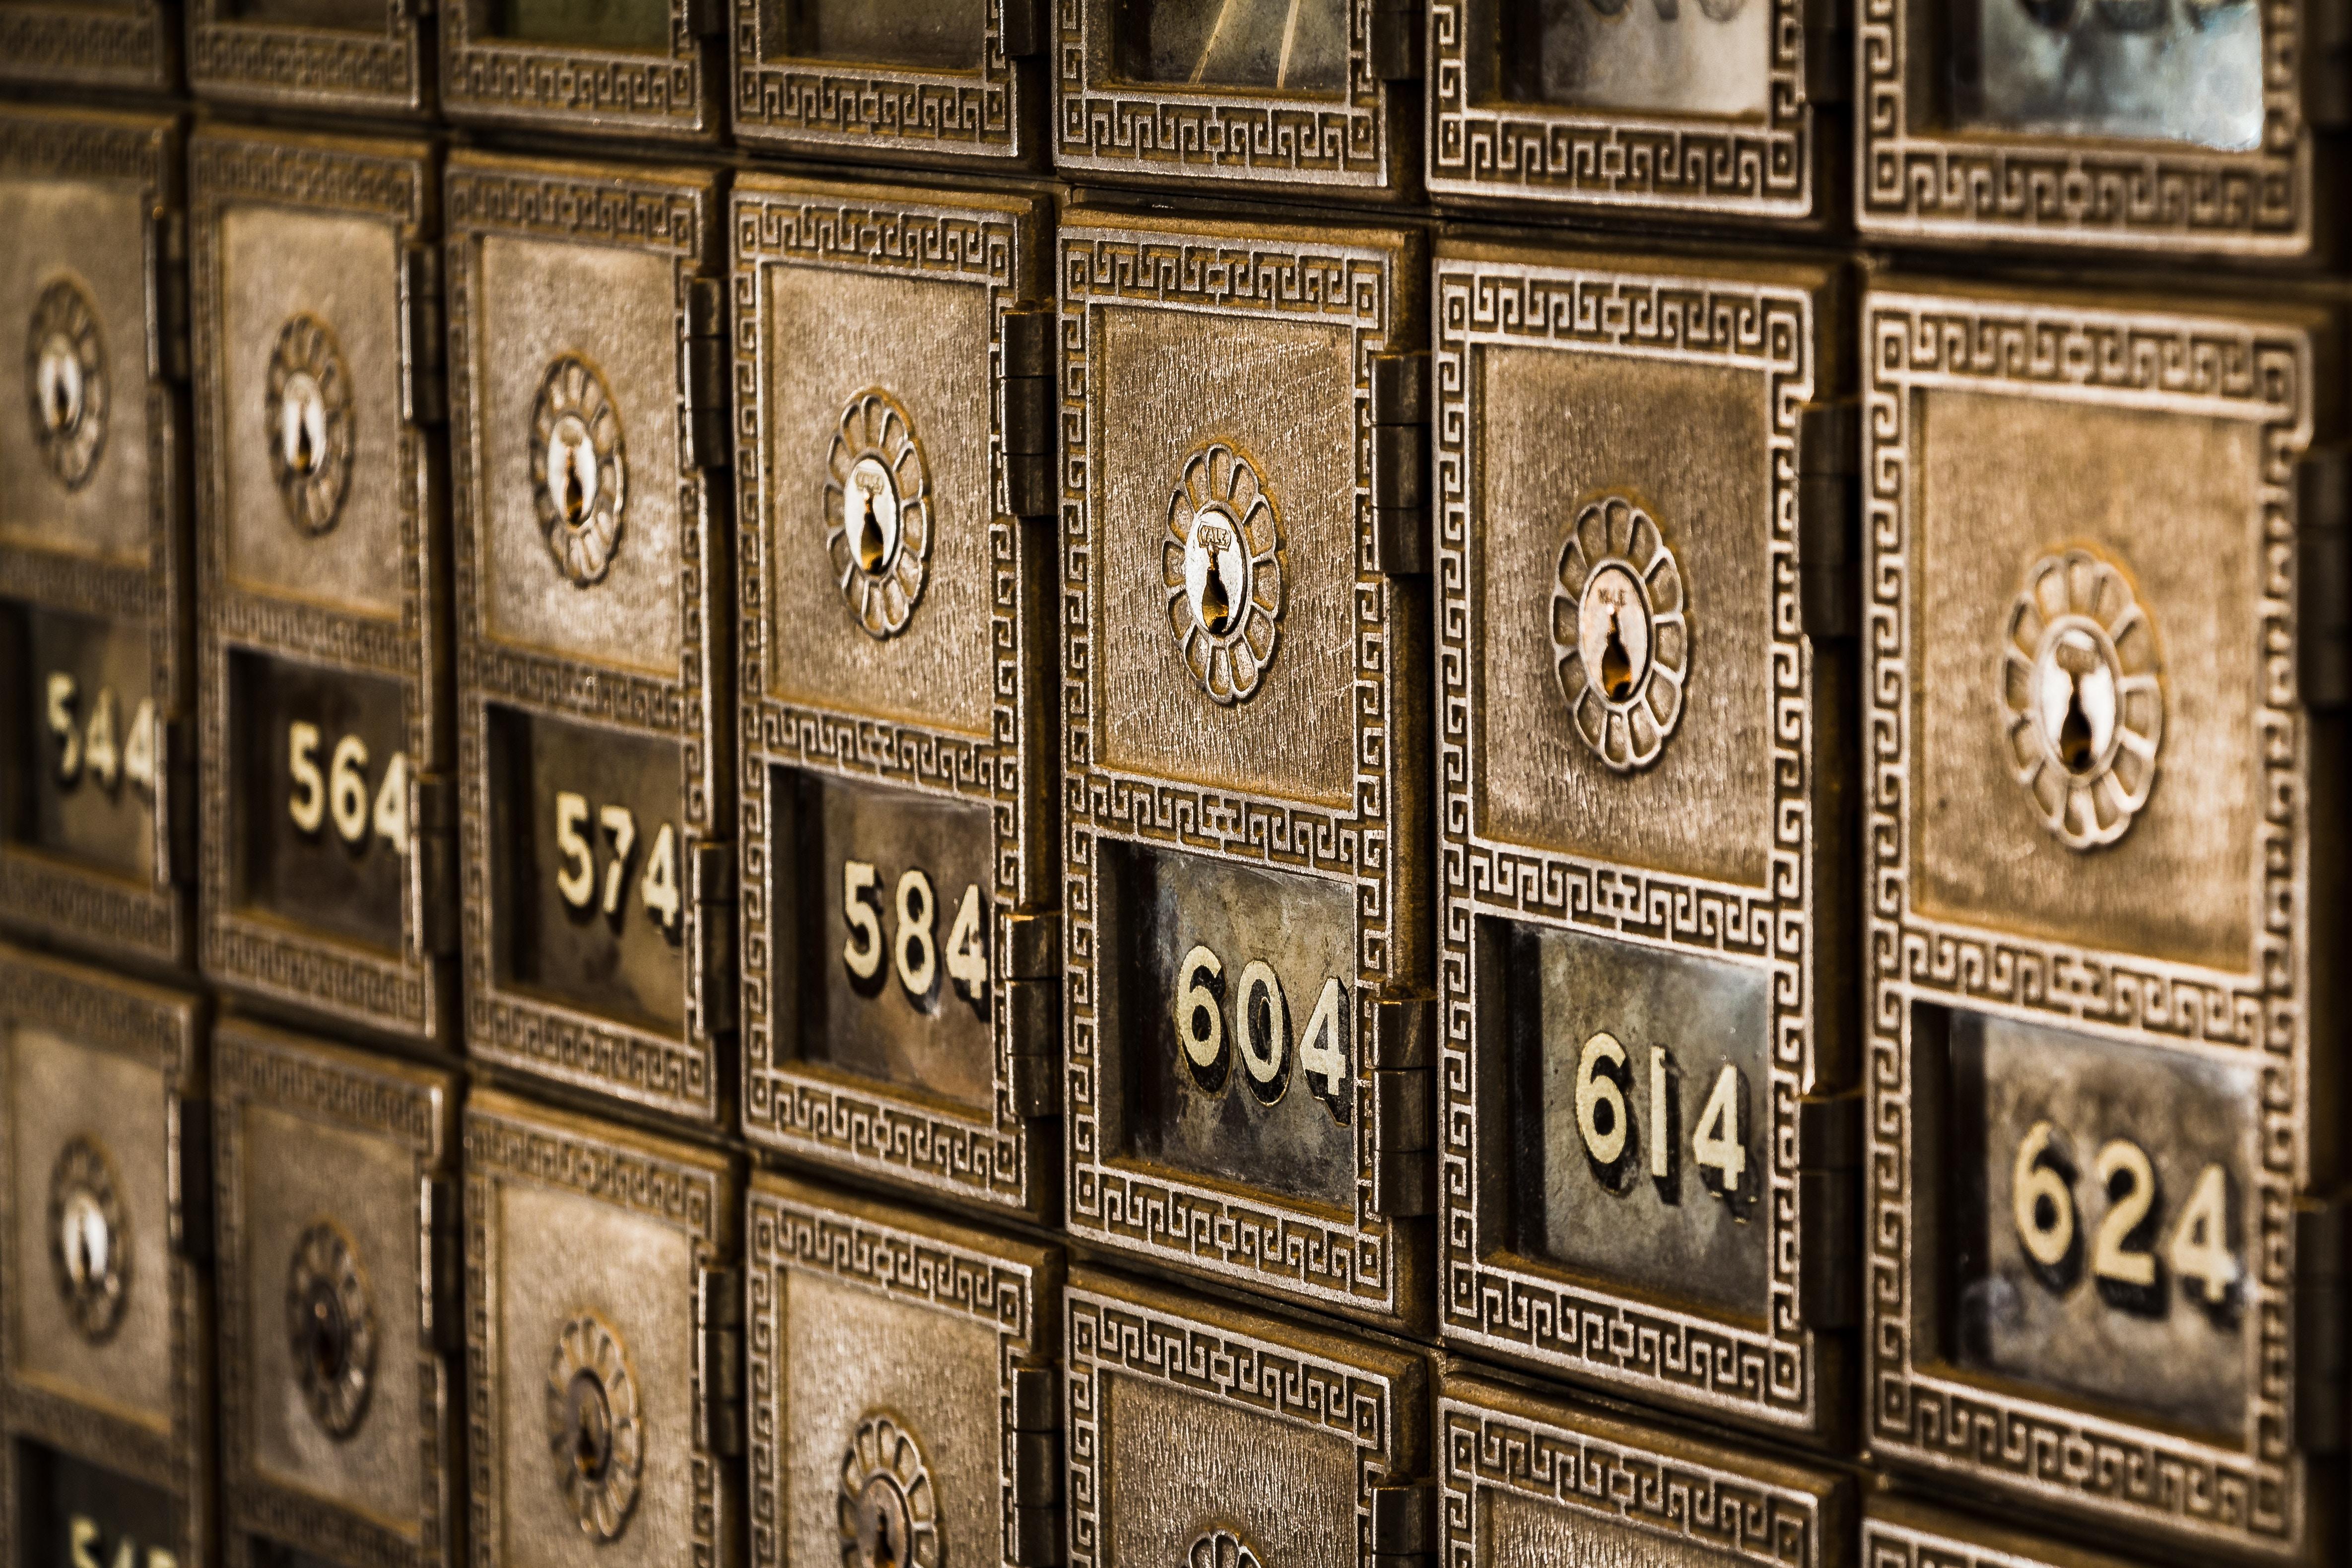 Új banki megoldás született az eltérő élethelyzetekre